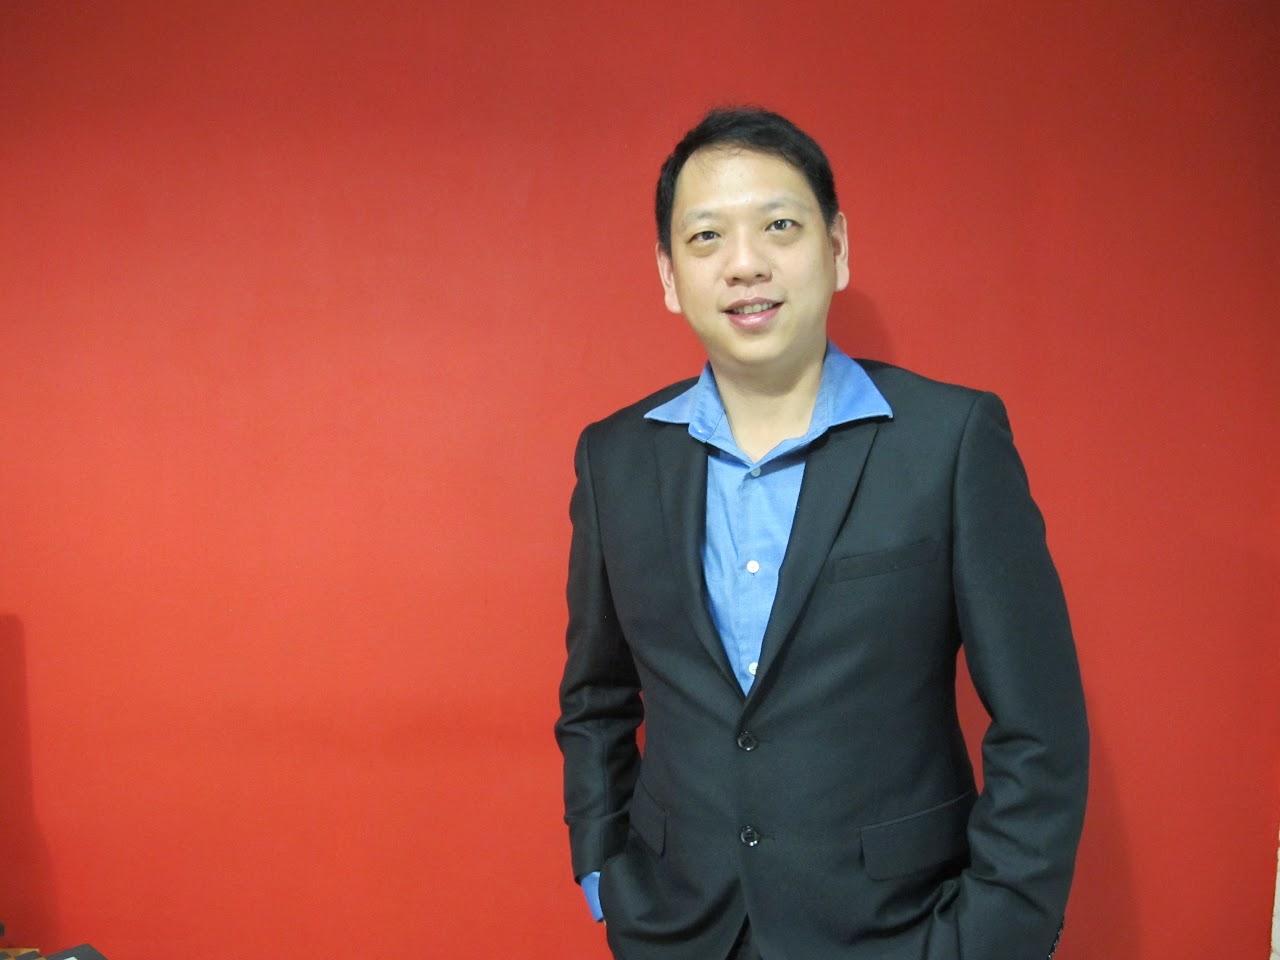 [專訪] 募得10億台幣,免疫療法新創Adheren創辦人蕭世嘉:別人很難仿冒我們!